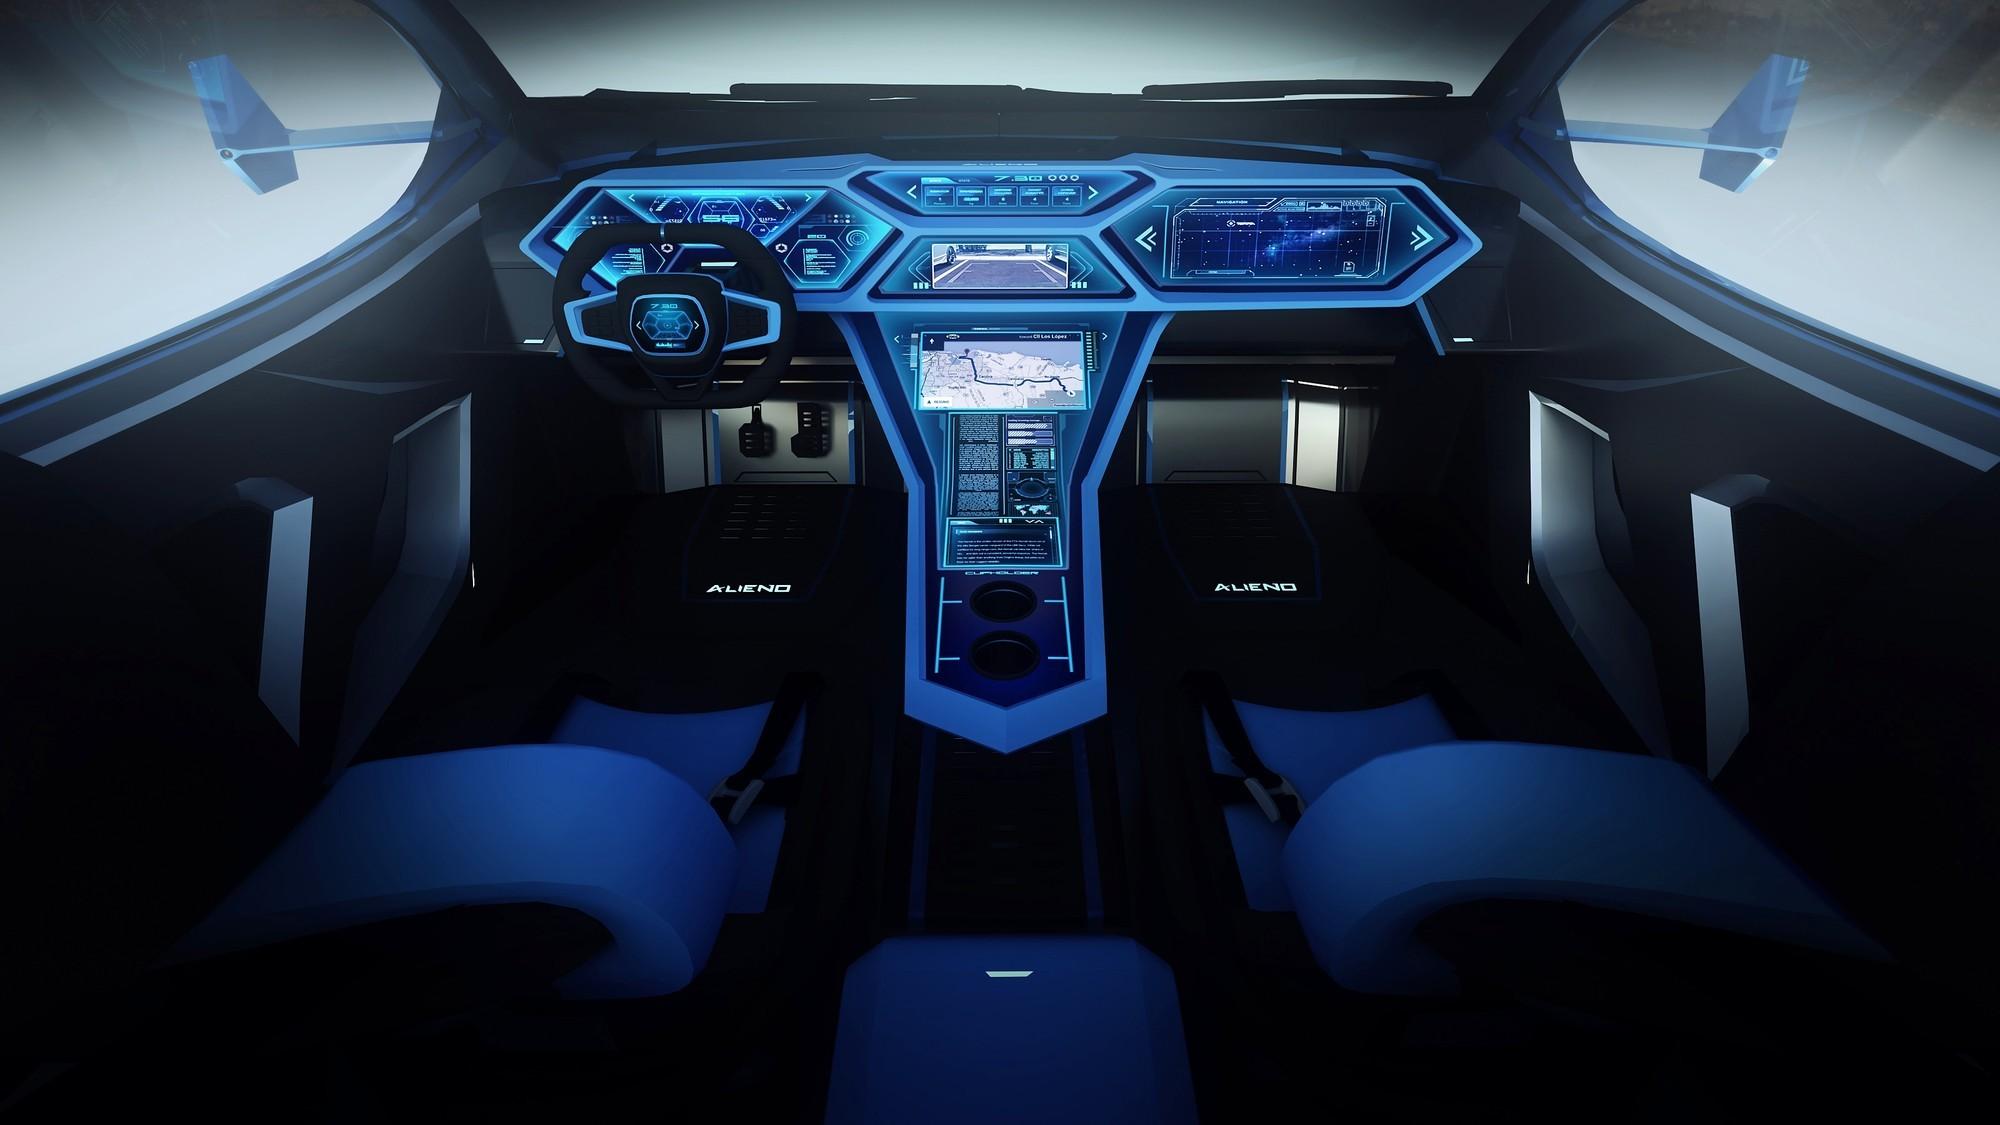 Первый болгарский суперкар станет самым мощным автомобилем в мире 3